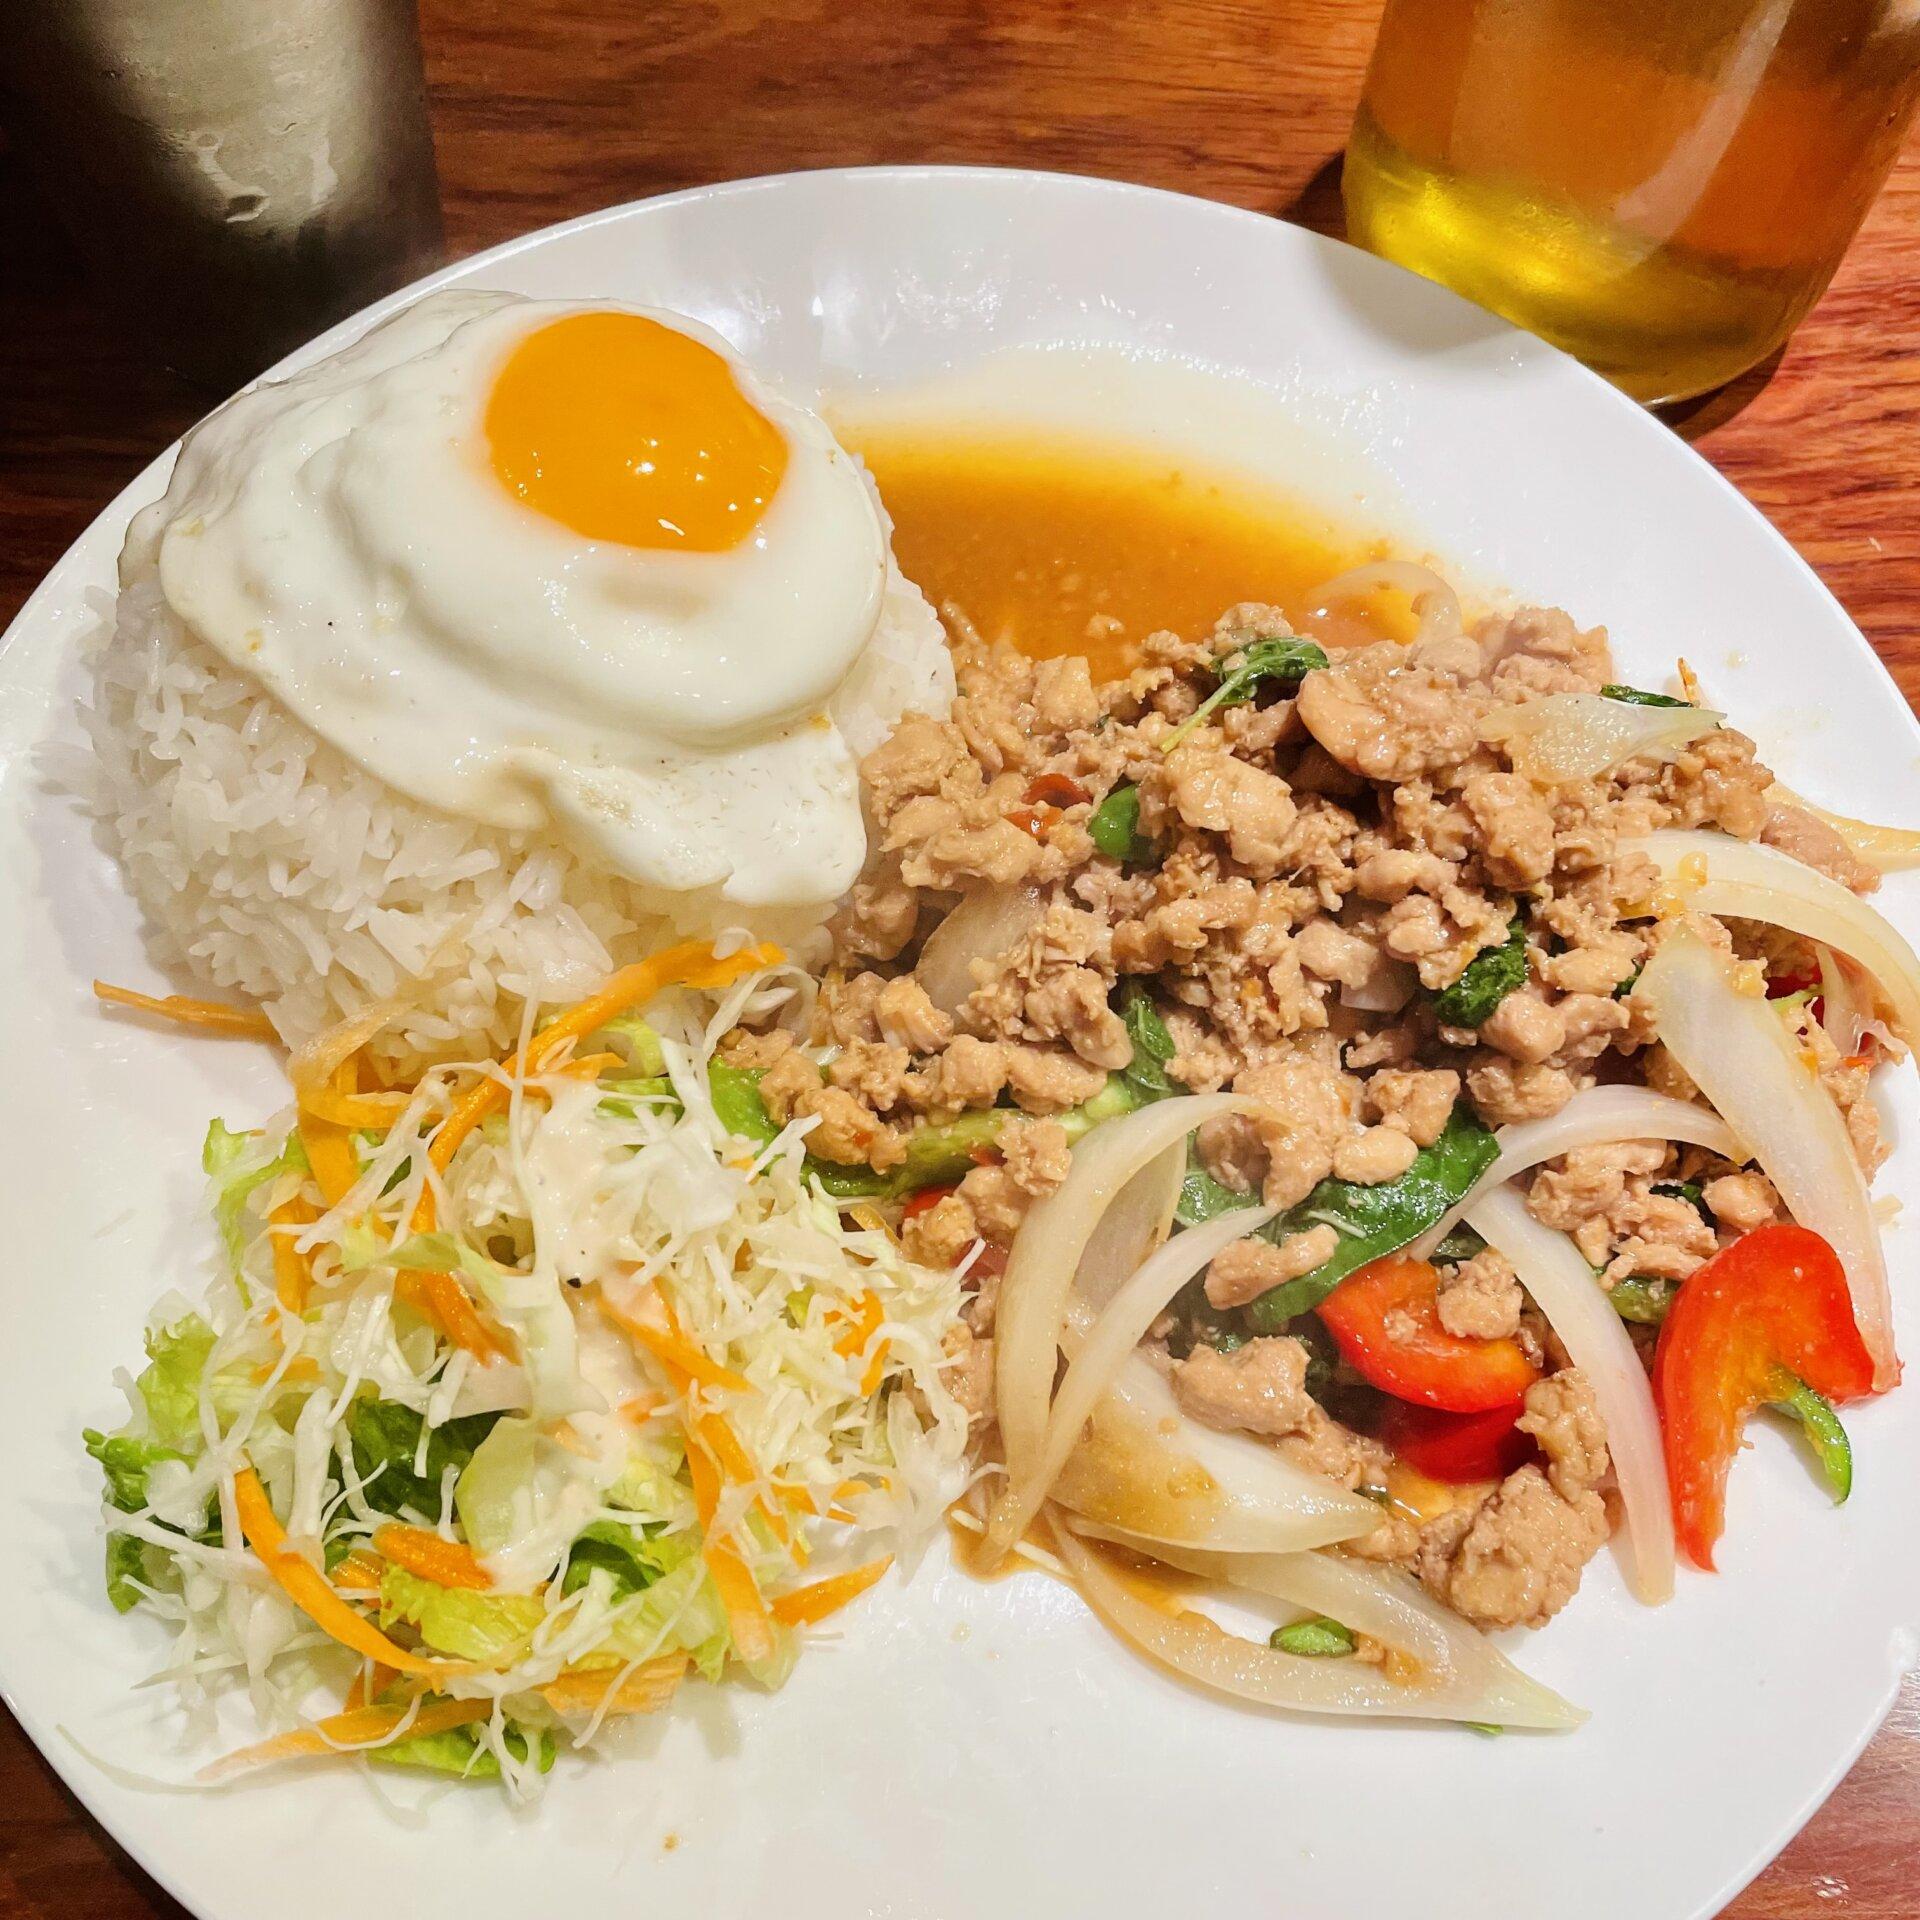 【三軒茶屋】タイ料理の激戦区でトップレベル!「タイ東北料理イサーンキッチン 」ガパオライス